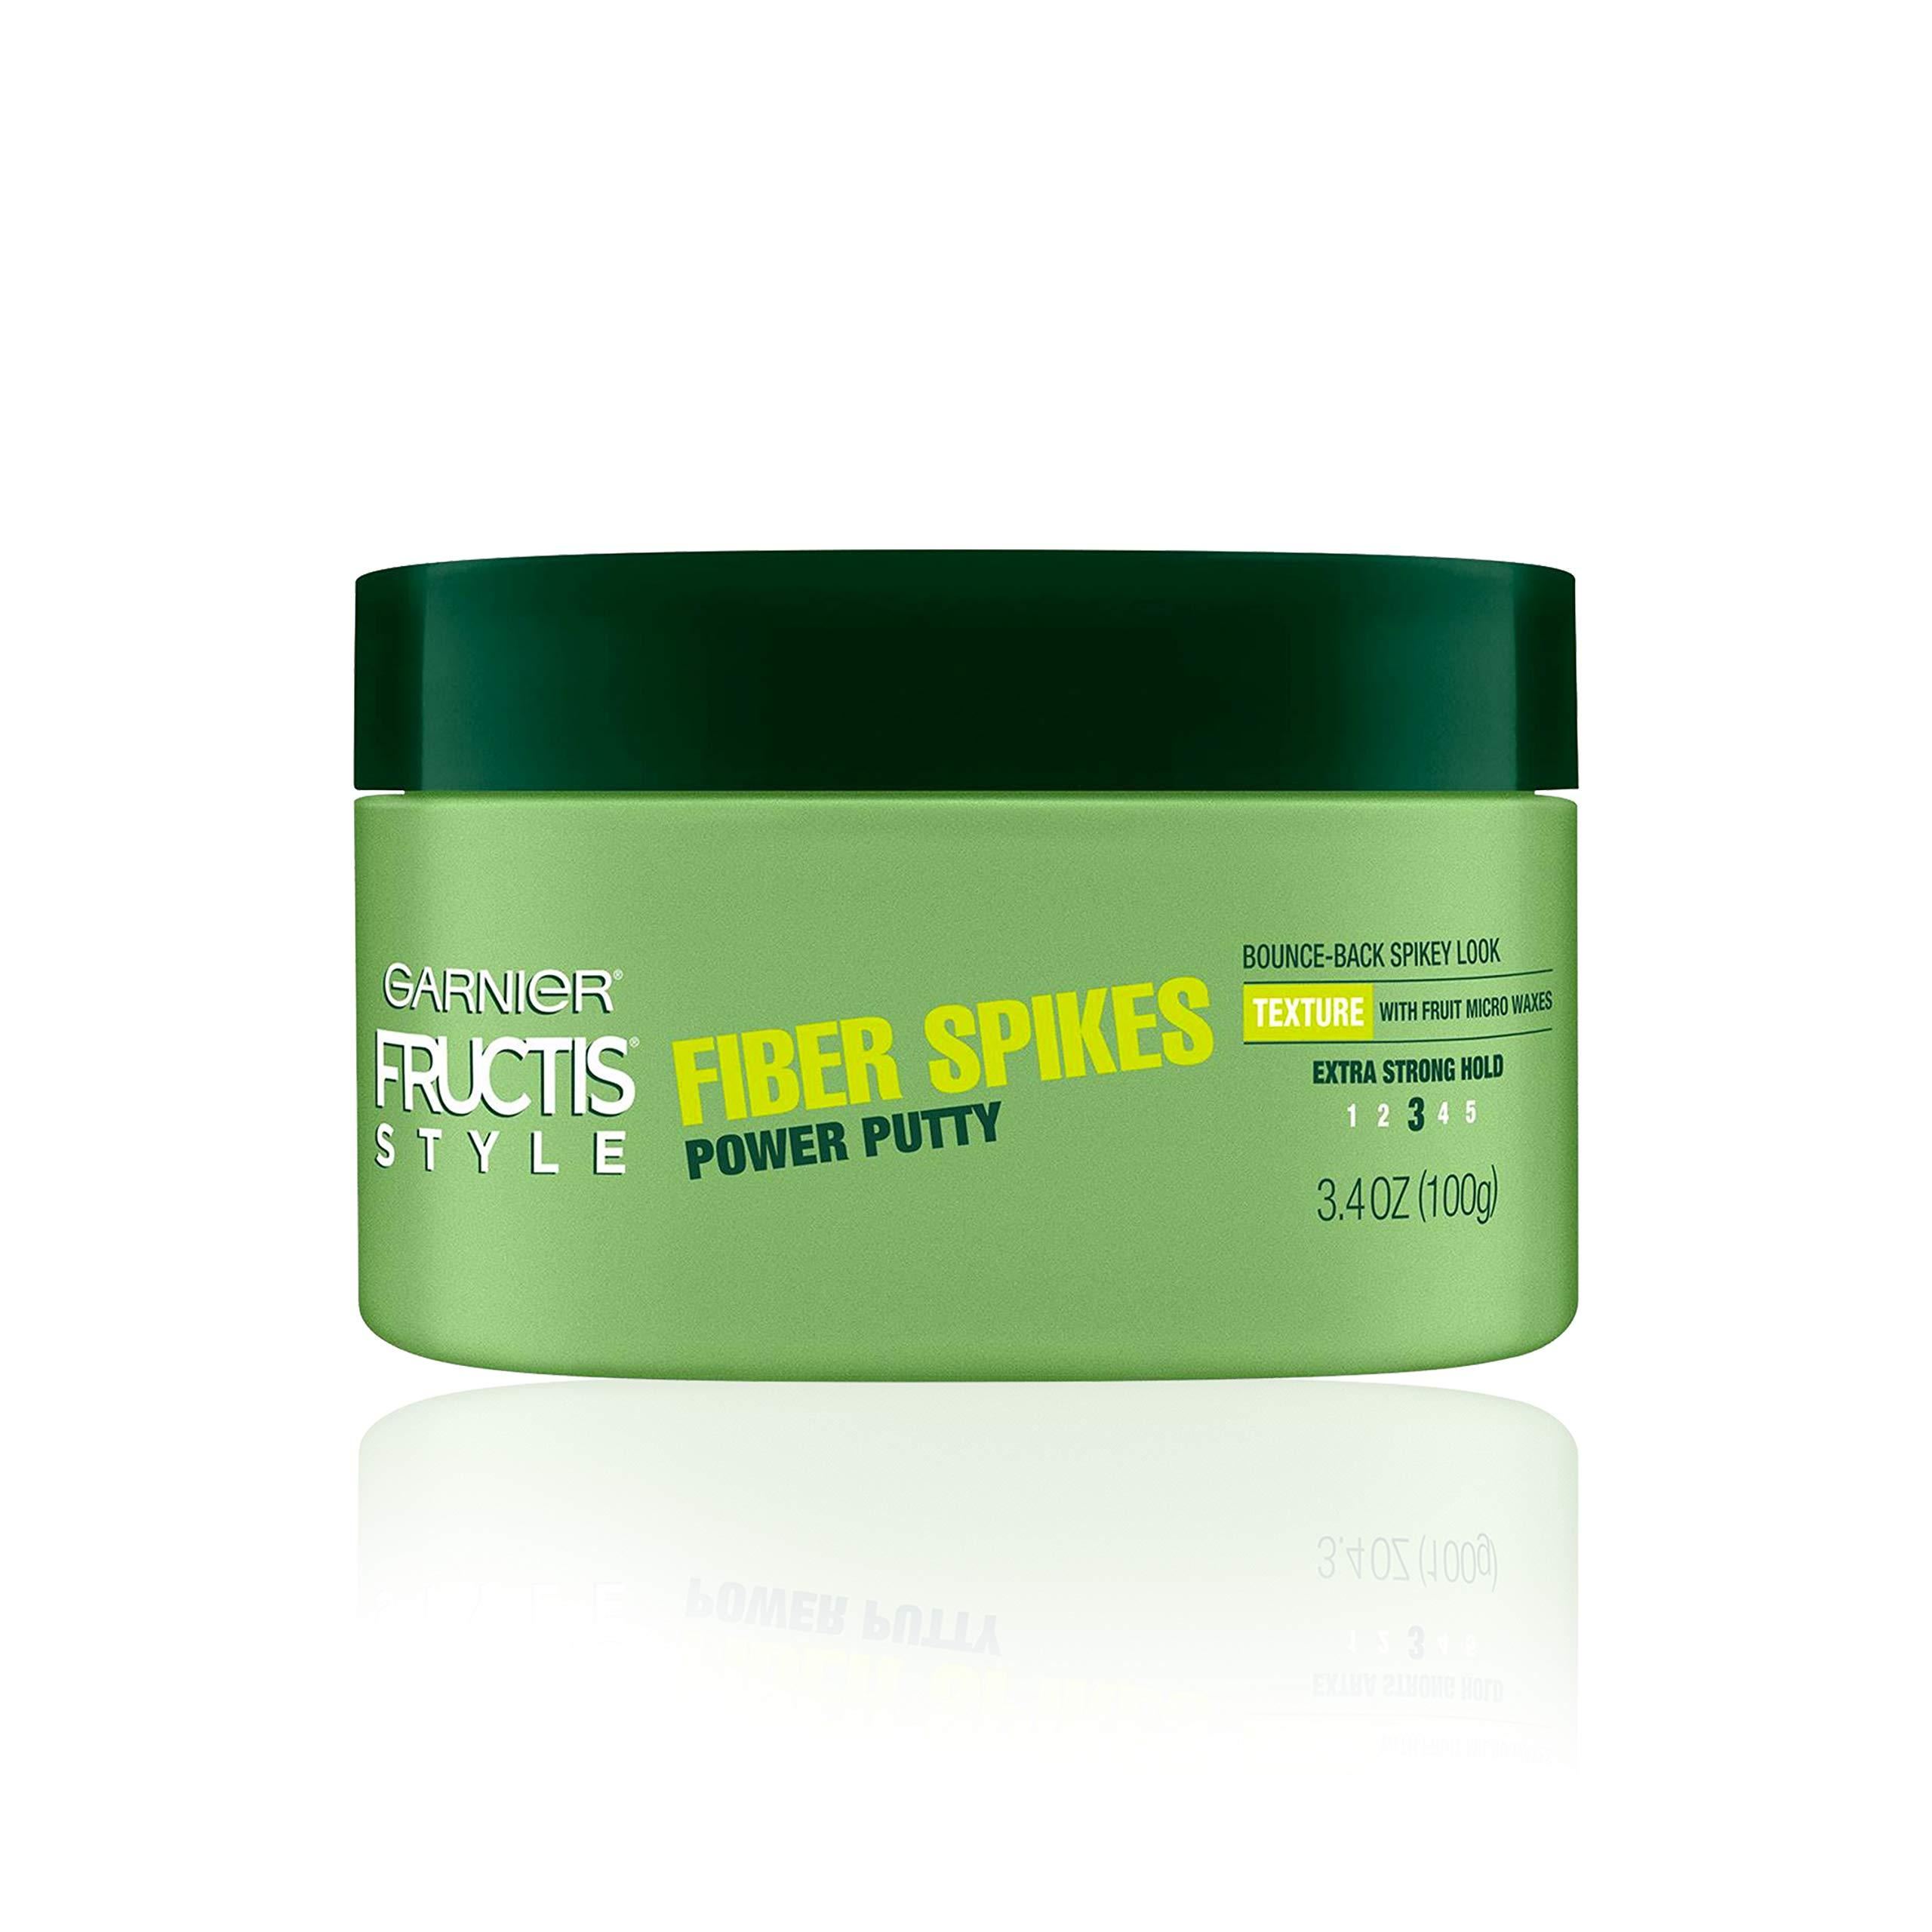 Garnier Hair Care Fructis Style Power Putty Fiber Spikes, 3.4 Ounce